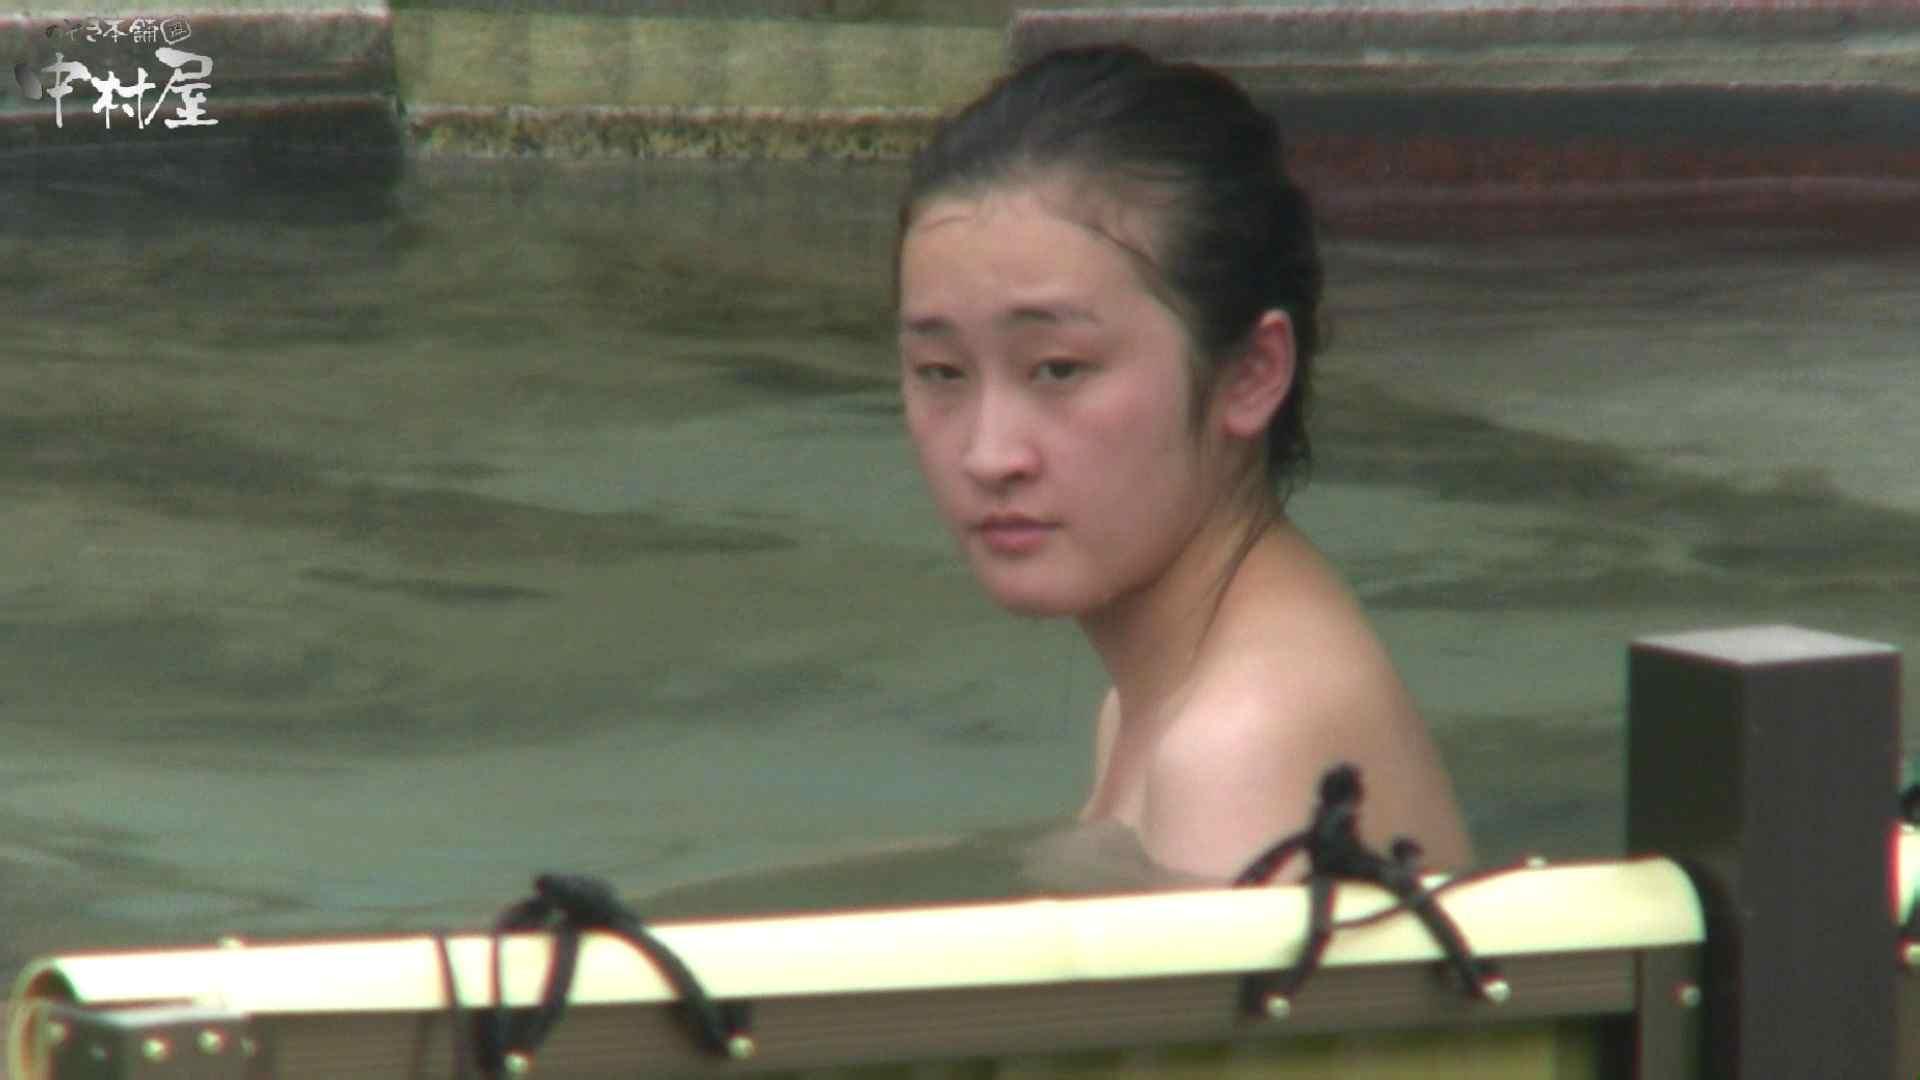 Aquaな露天風呂Vol.949 盗撮  92画像 48